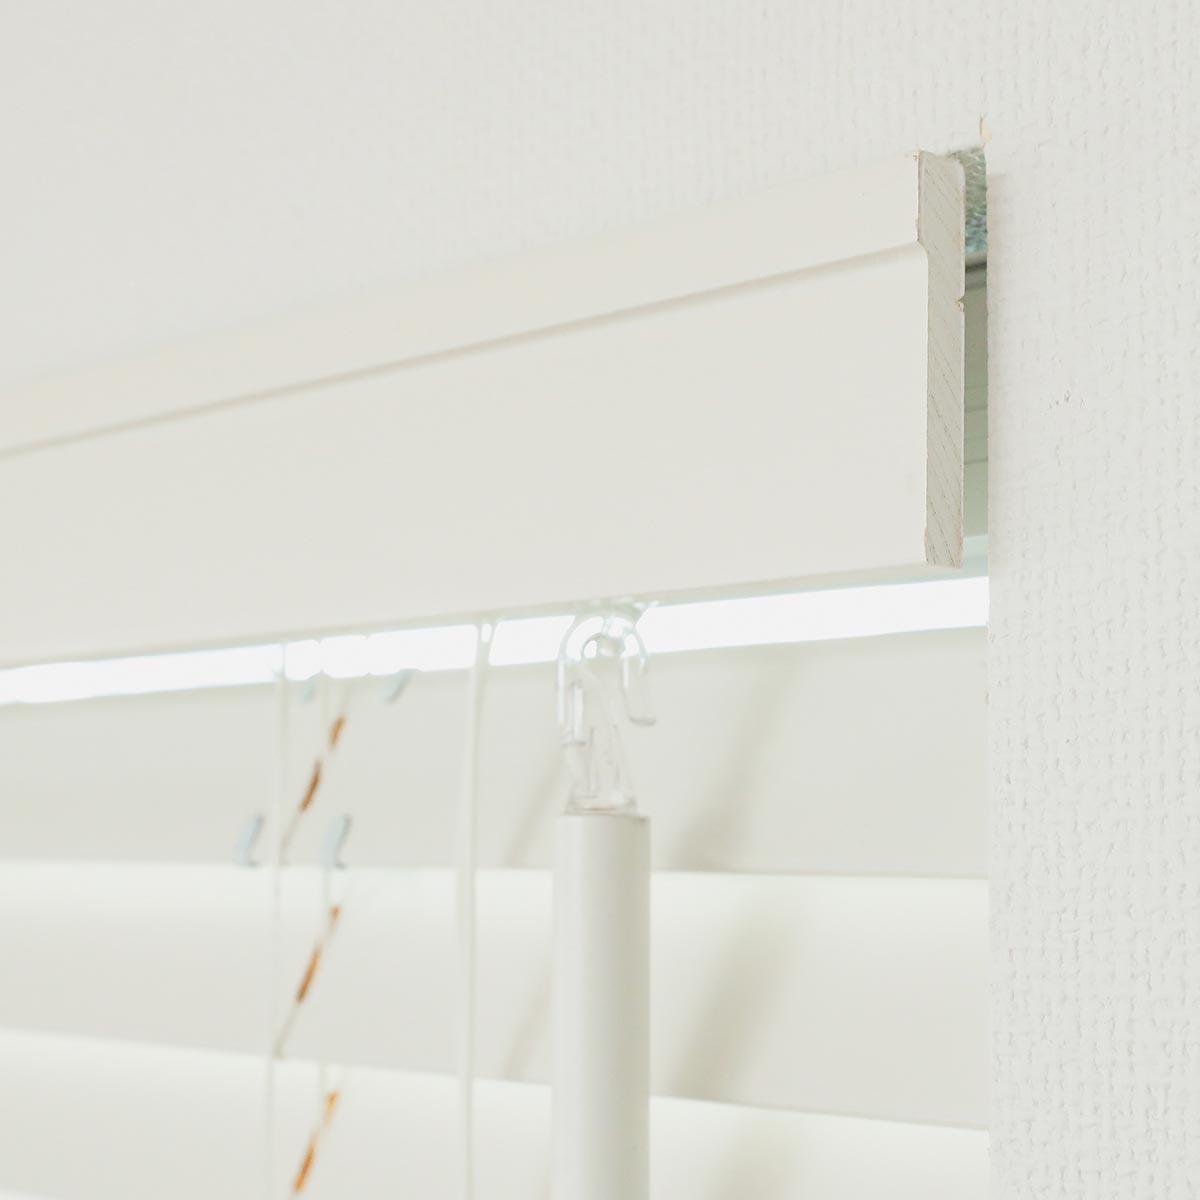 日本製ウッドブラインド 標準タイプ ホワイト07